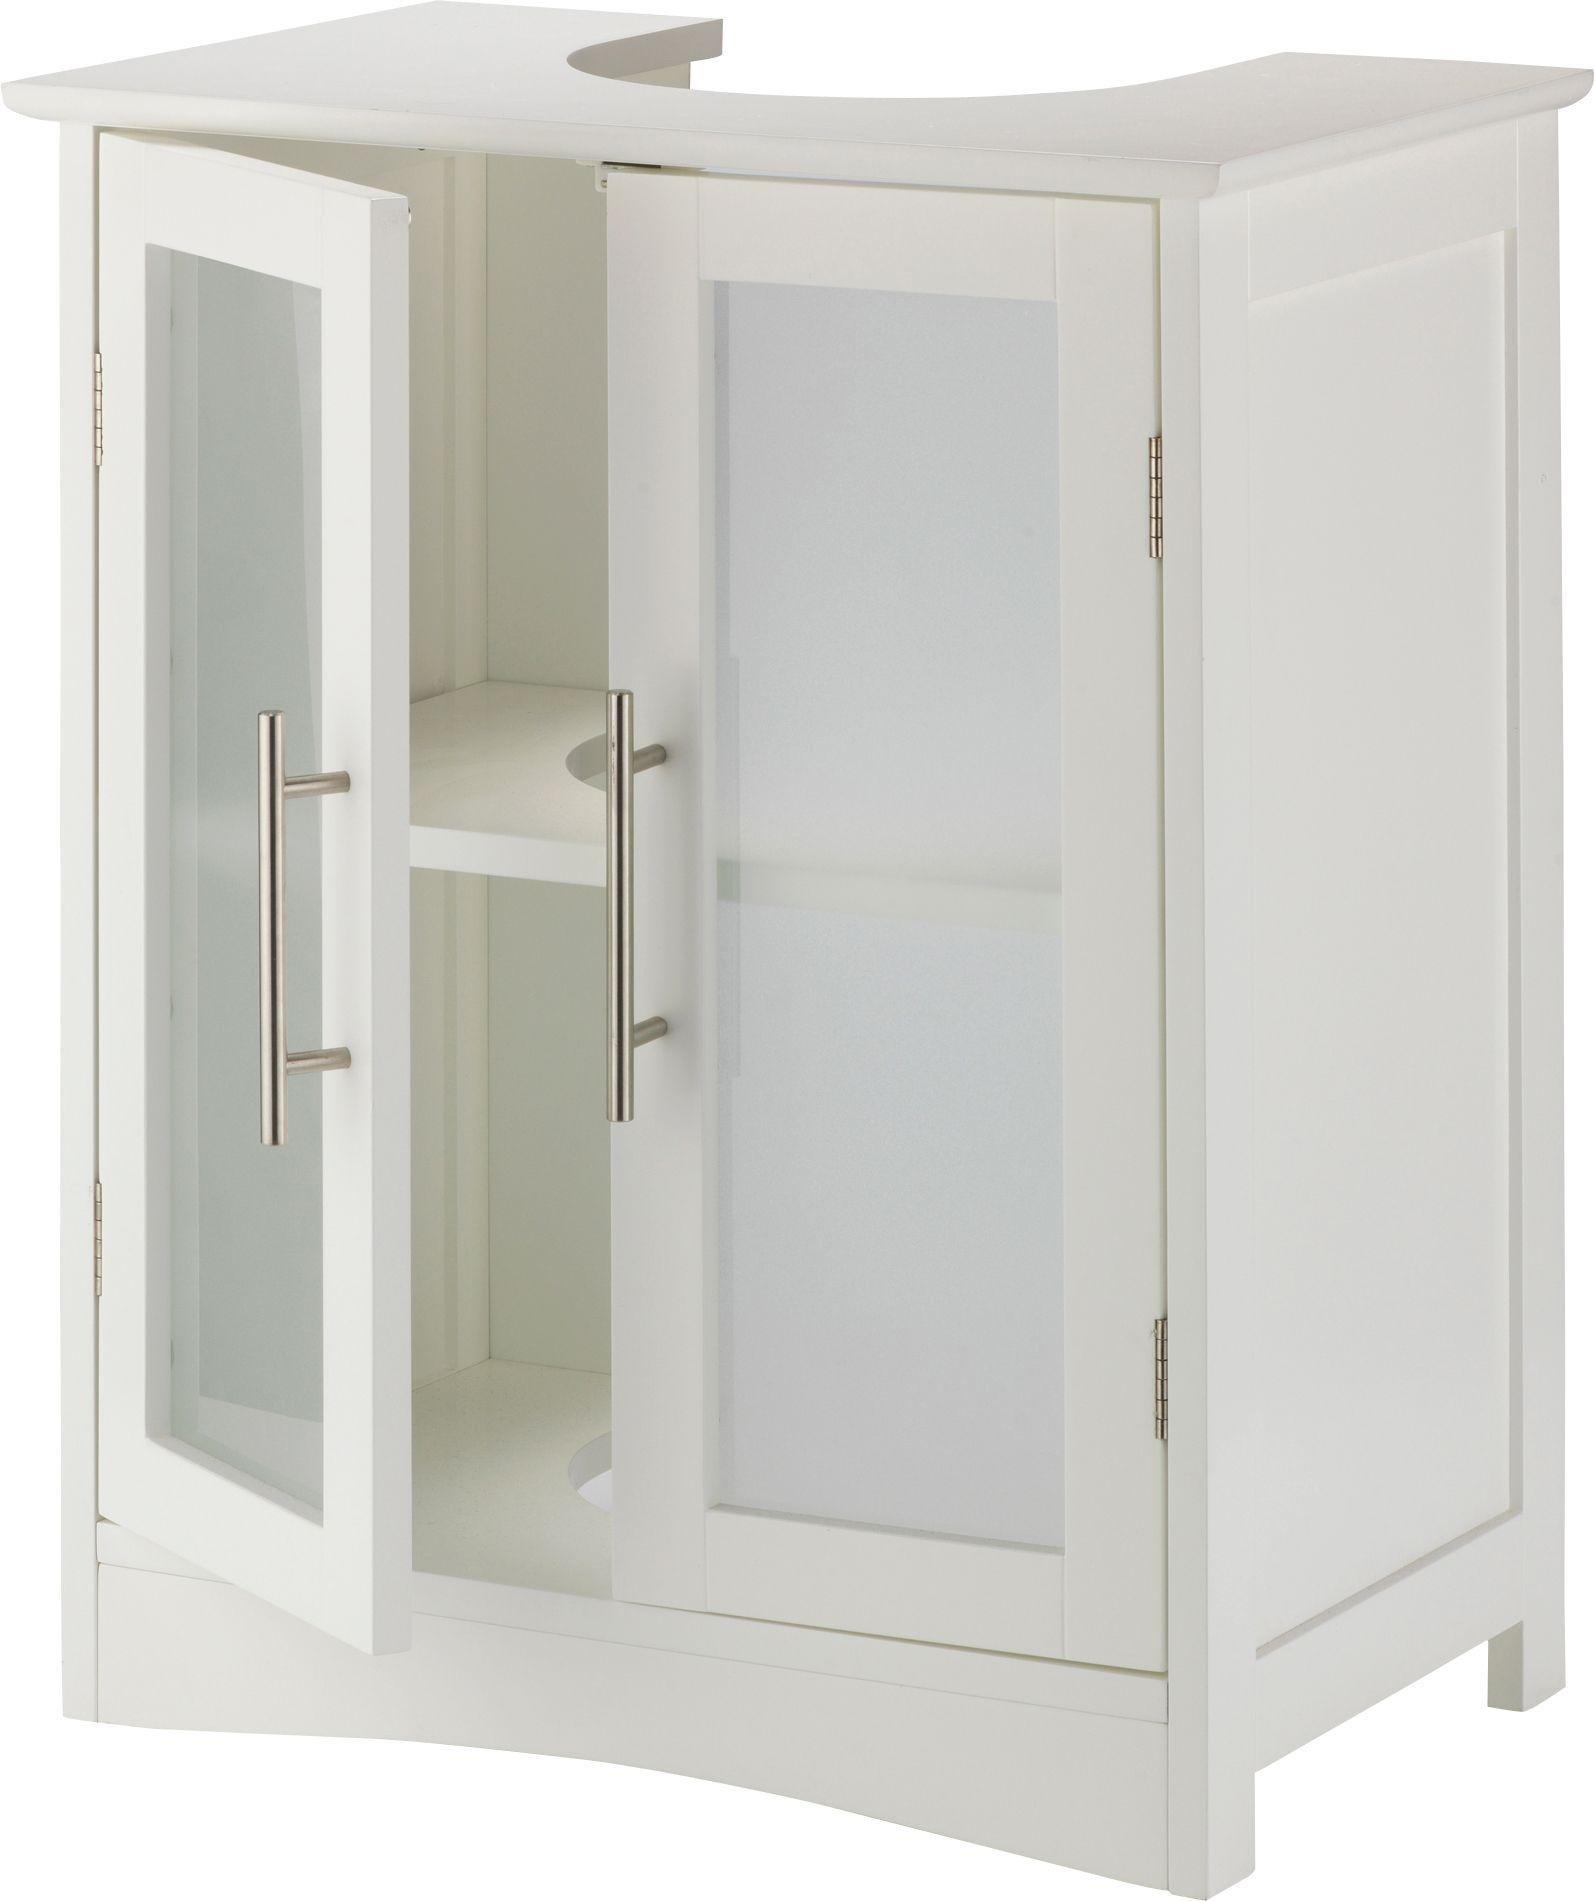 white under sink basin storage vanity unit bathroom. Black Bedroom Furniture Sets. Home Design Ideas